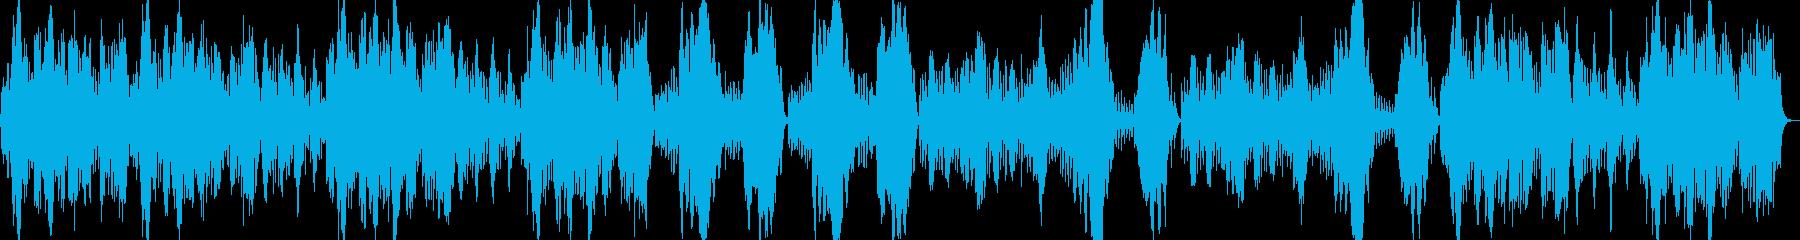 ボッケリーニのメヌエット/ボッケリーニの再生済みの波形